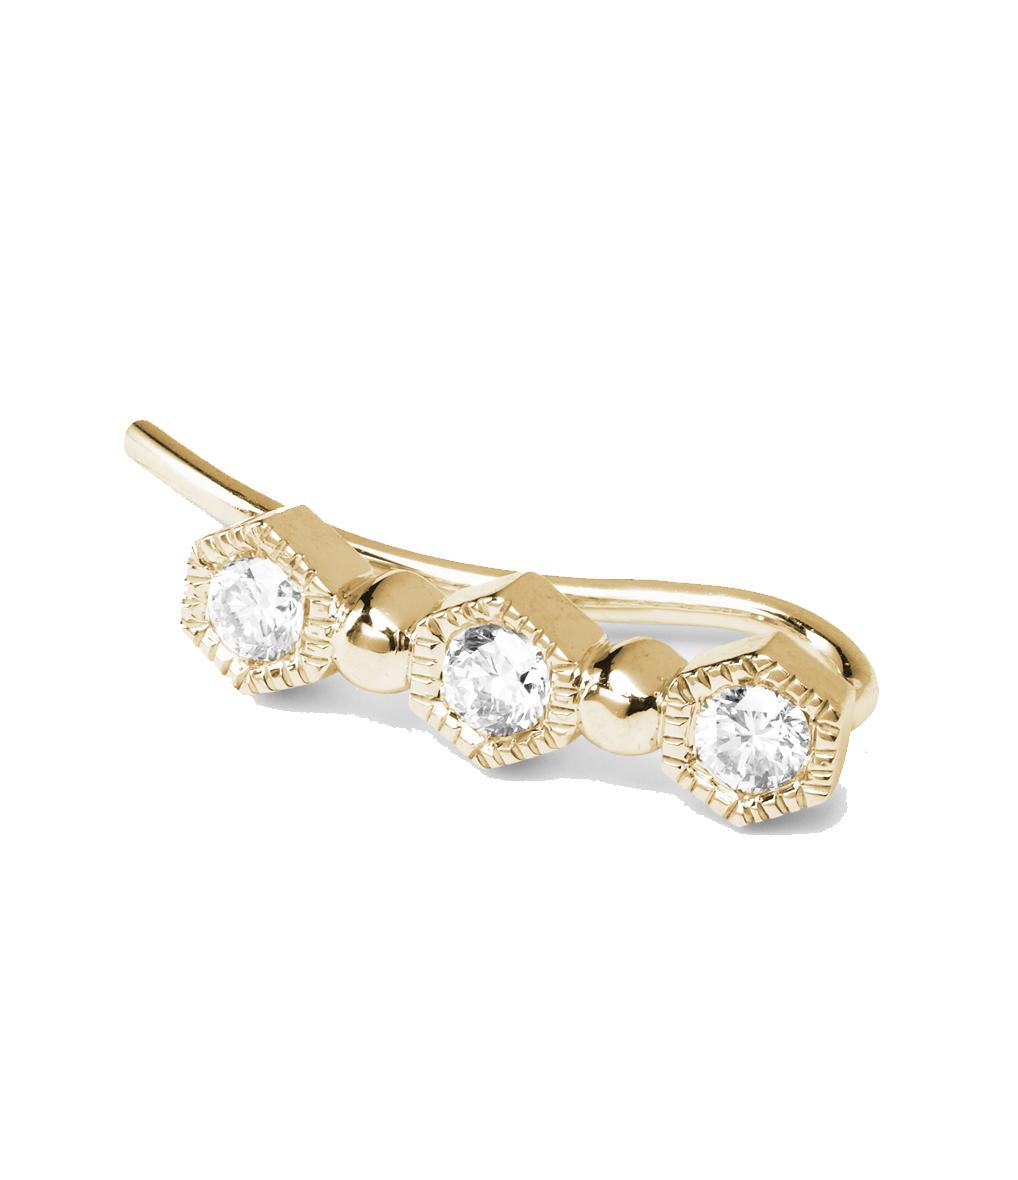 Boucle Charmante Diamants (vendue à l'unité)